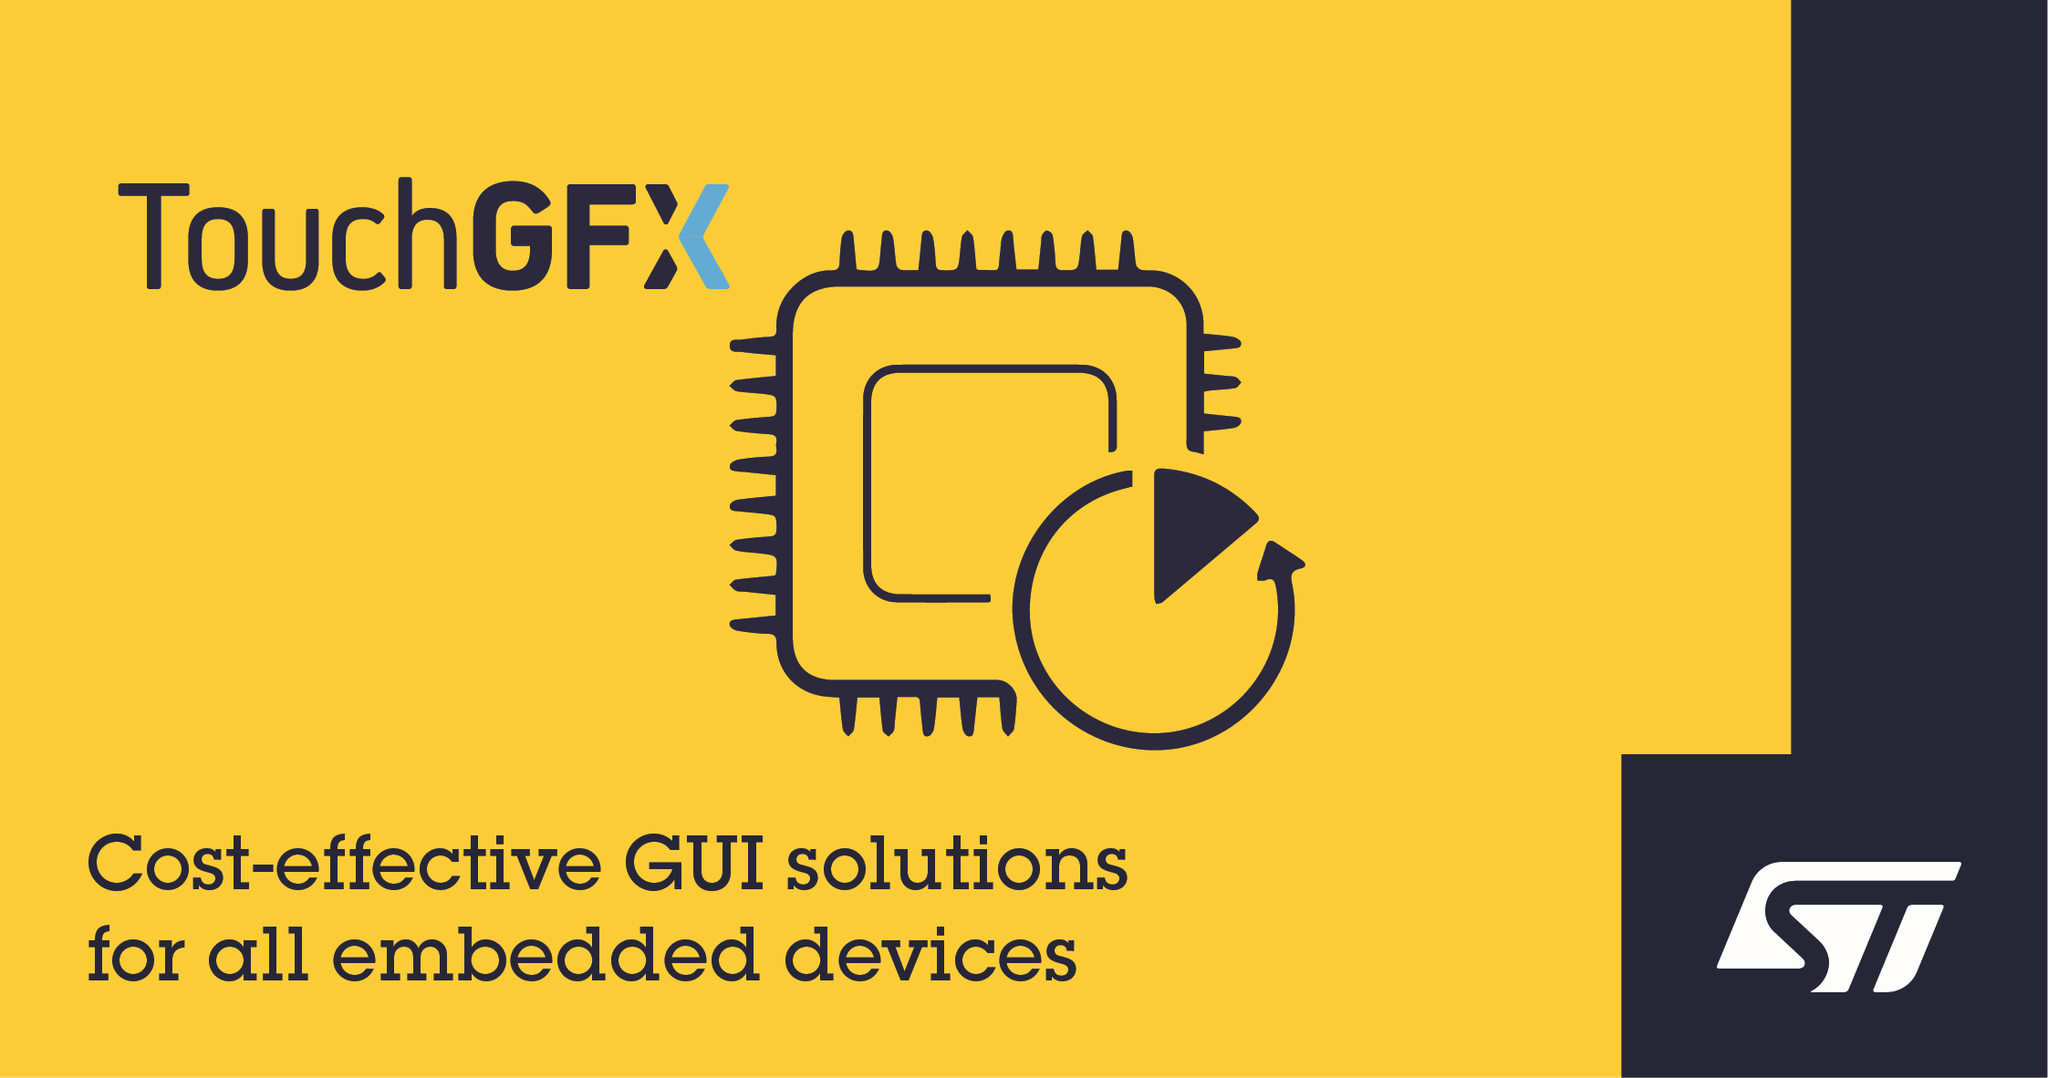 意法半导体简化超低功耗设备GUI设计